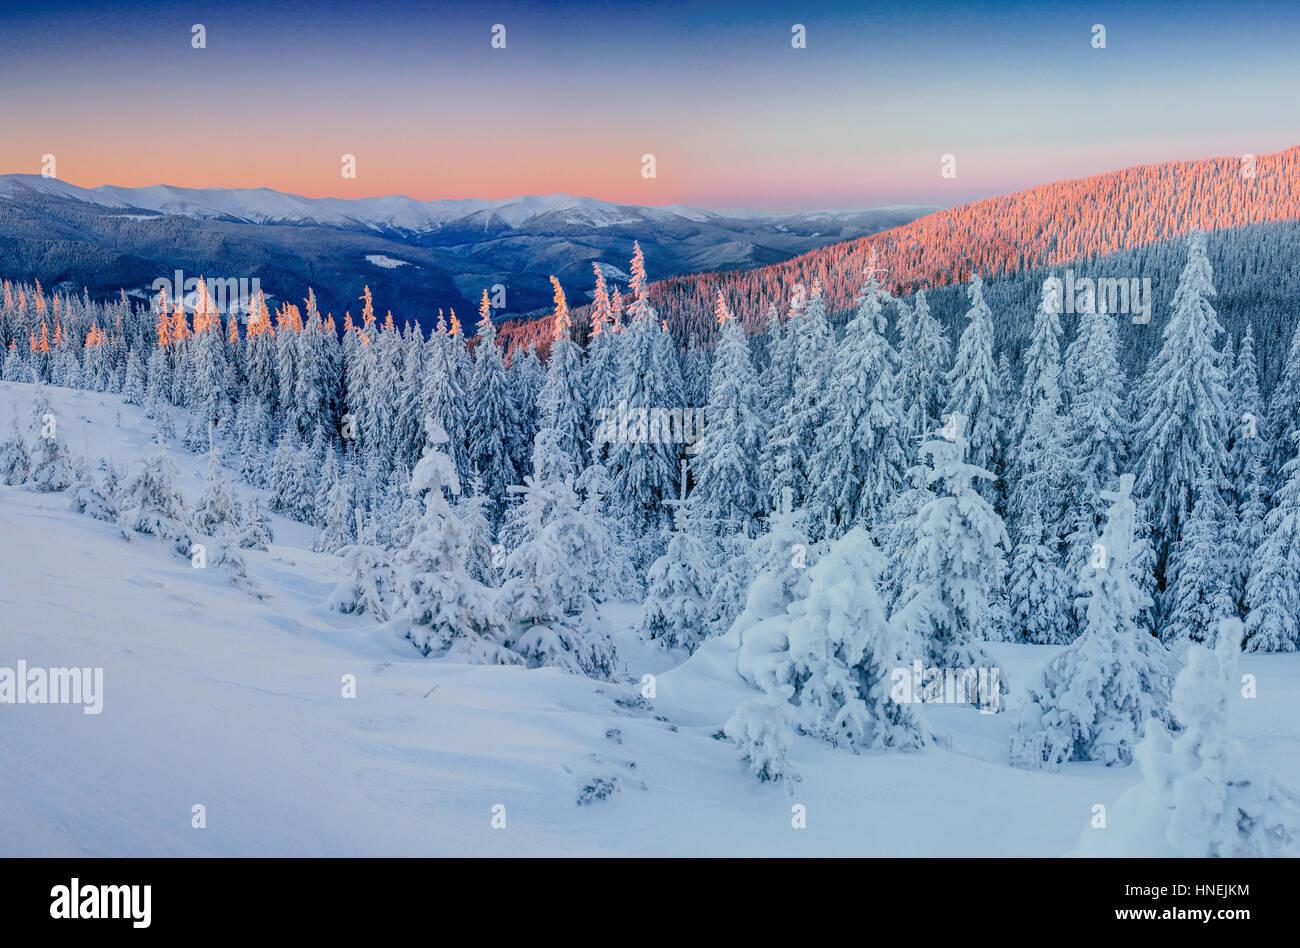 Paysage d'hiver fantastique dans les montagnes. Soleil magique dans un Photo Stock